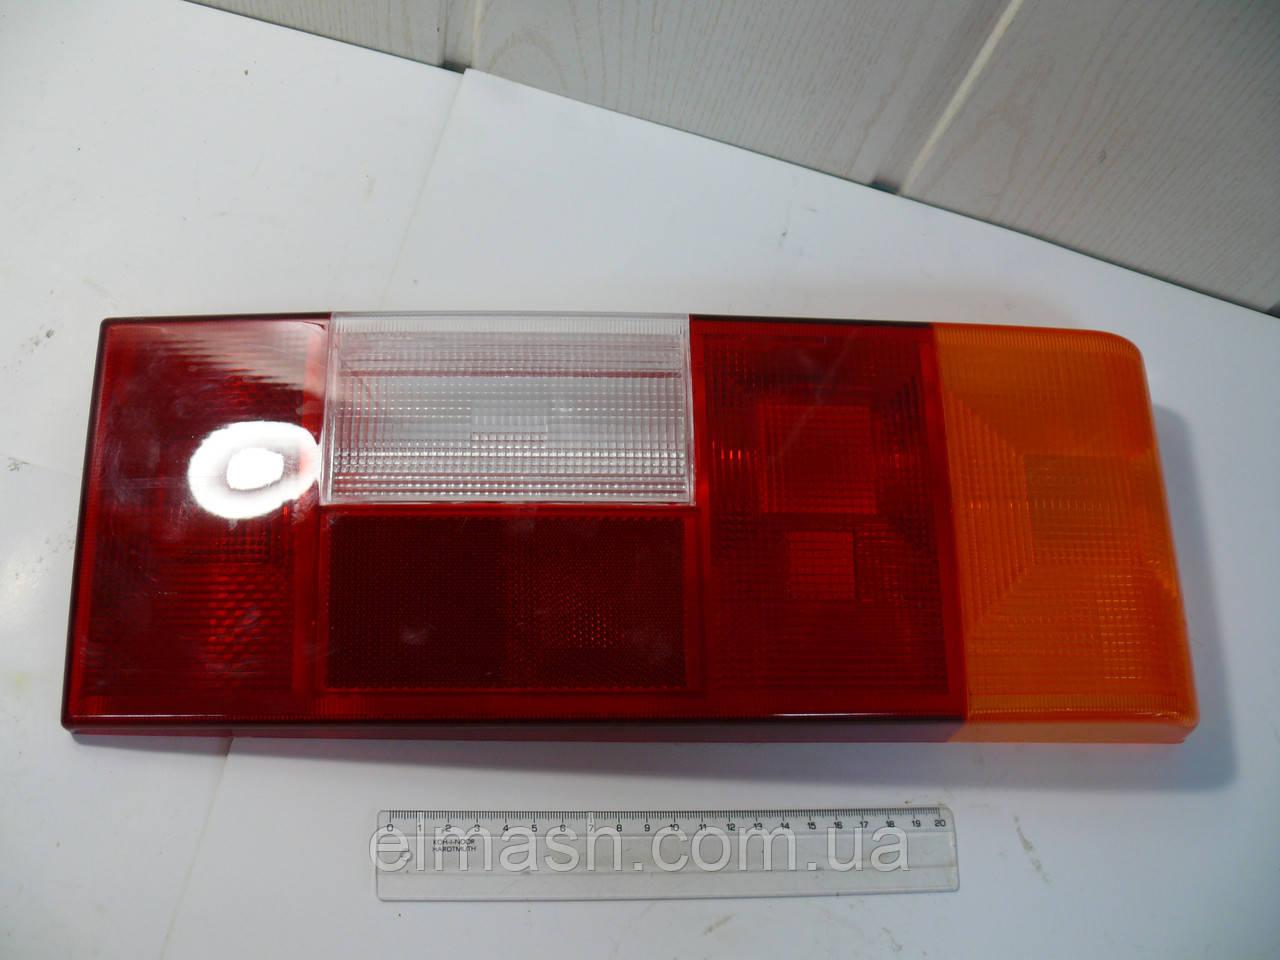 Стекло заднего правого фонаря ВАЗ 2108 (пр-во Турция)